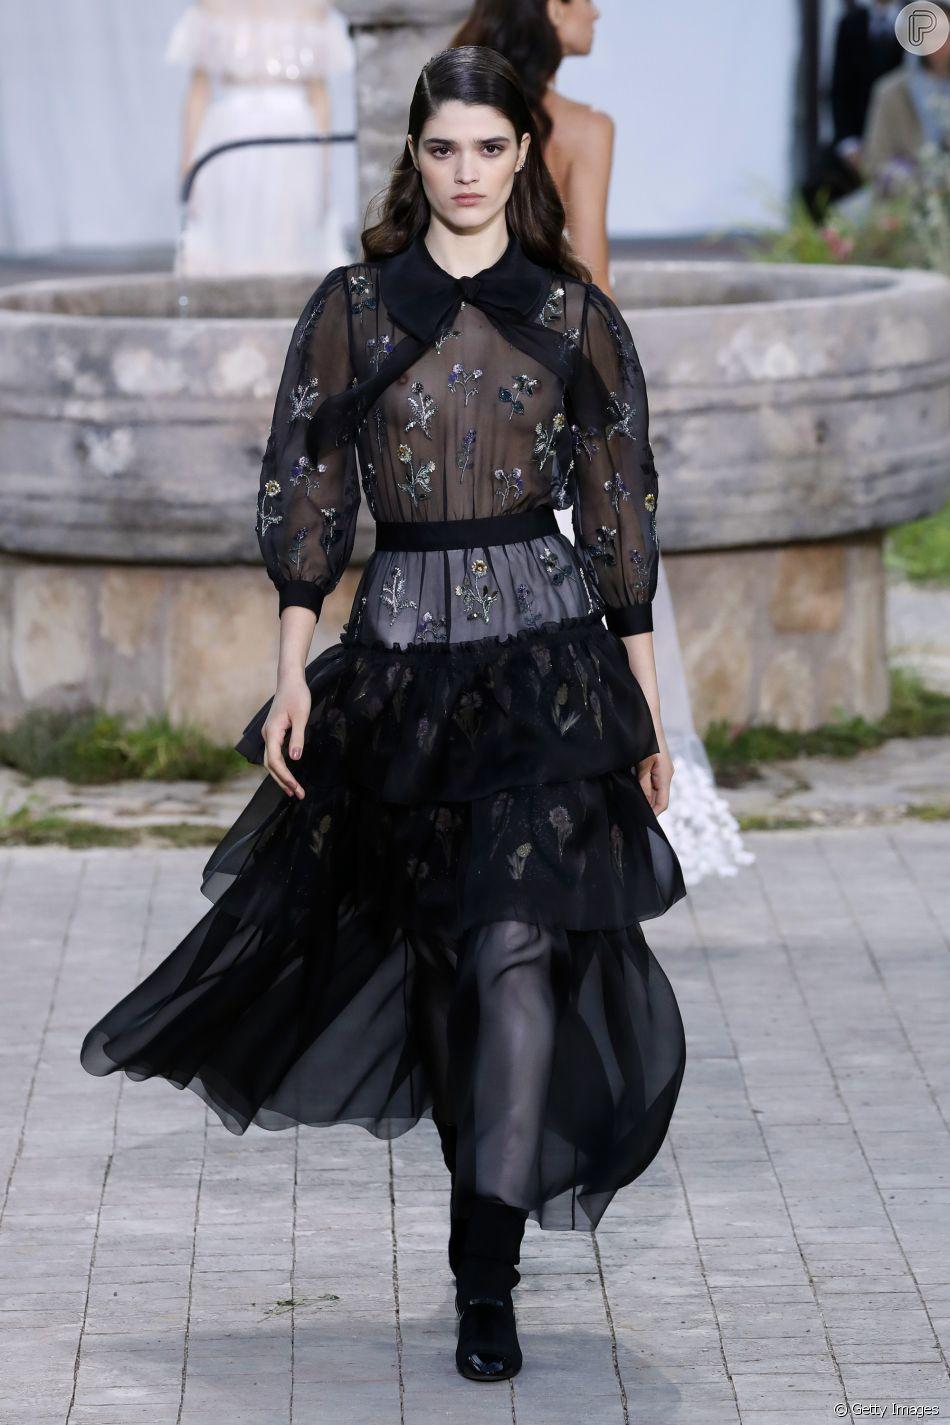 Desfile Chanel de alta-costura: floral com tulê é tendência